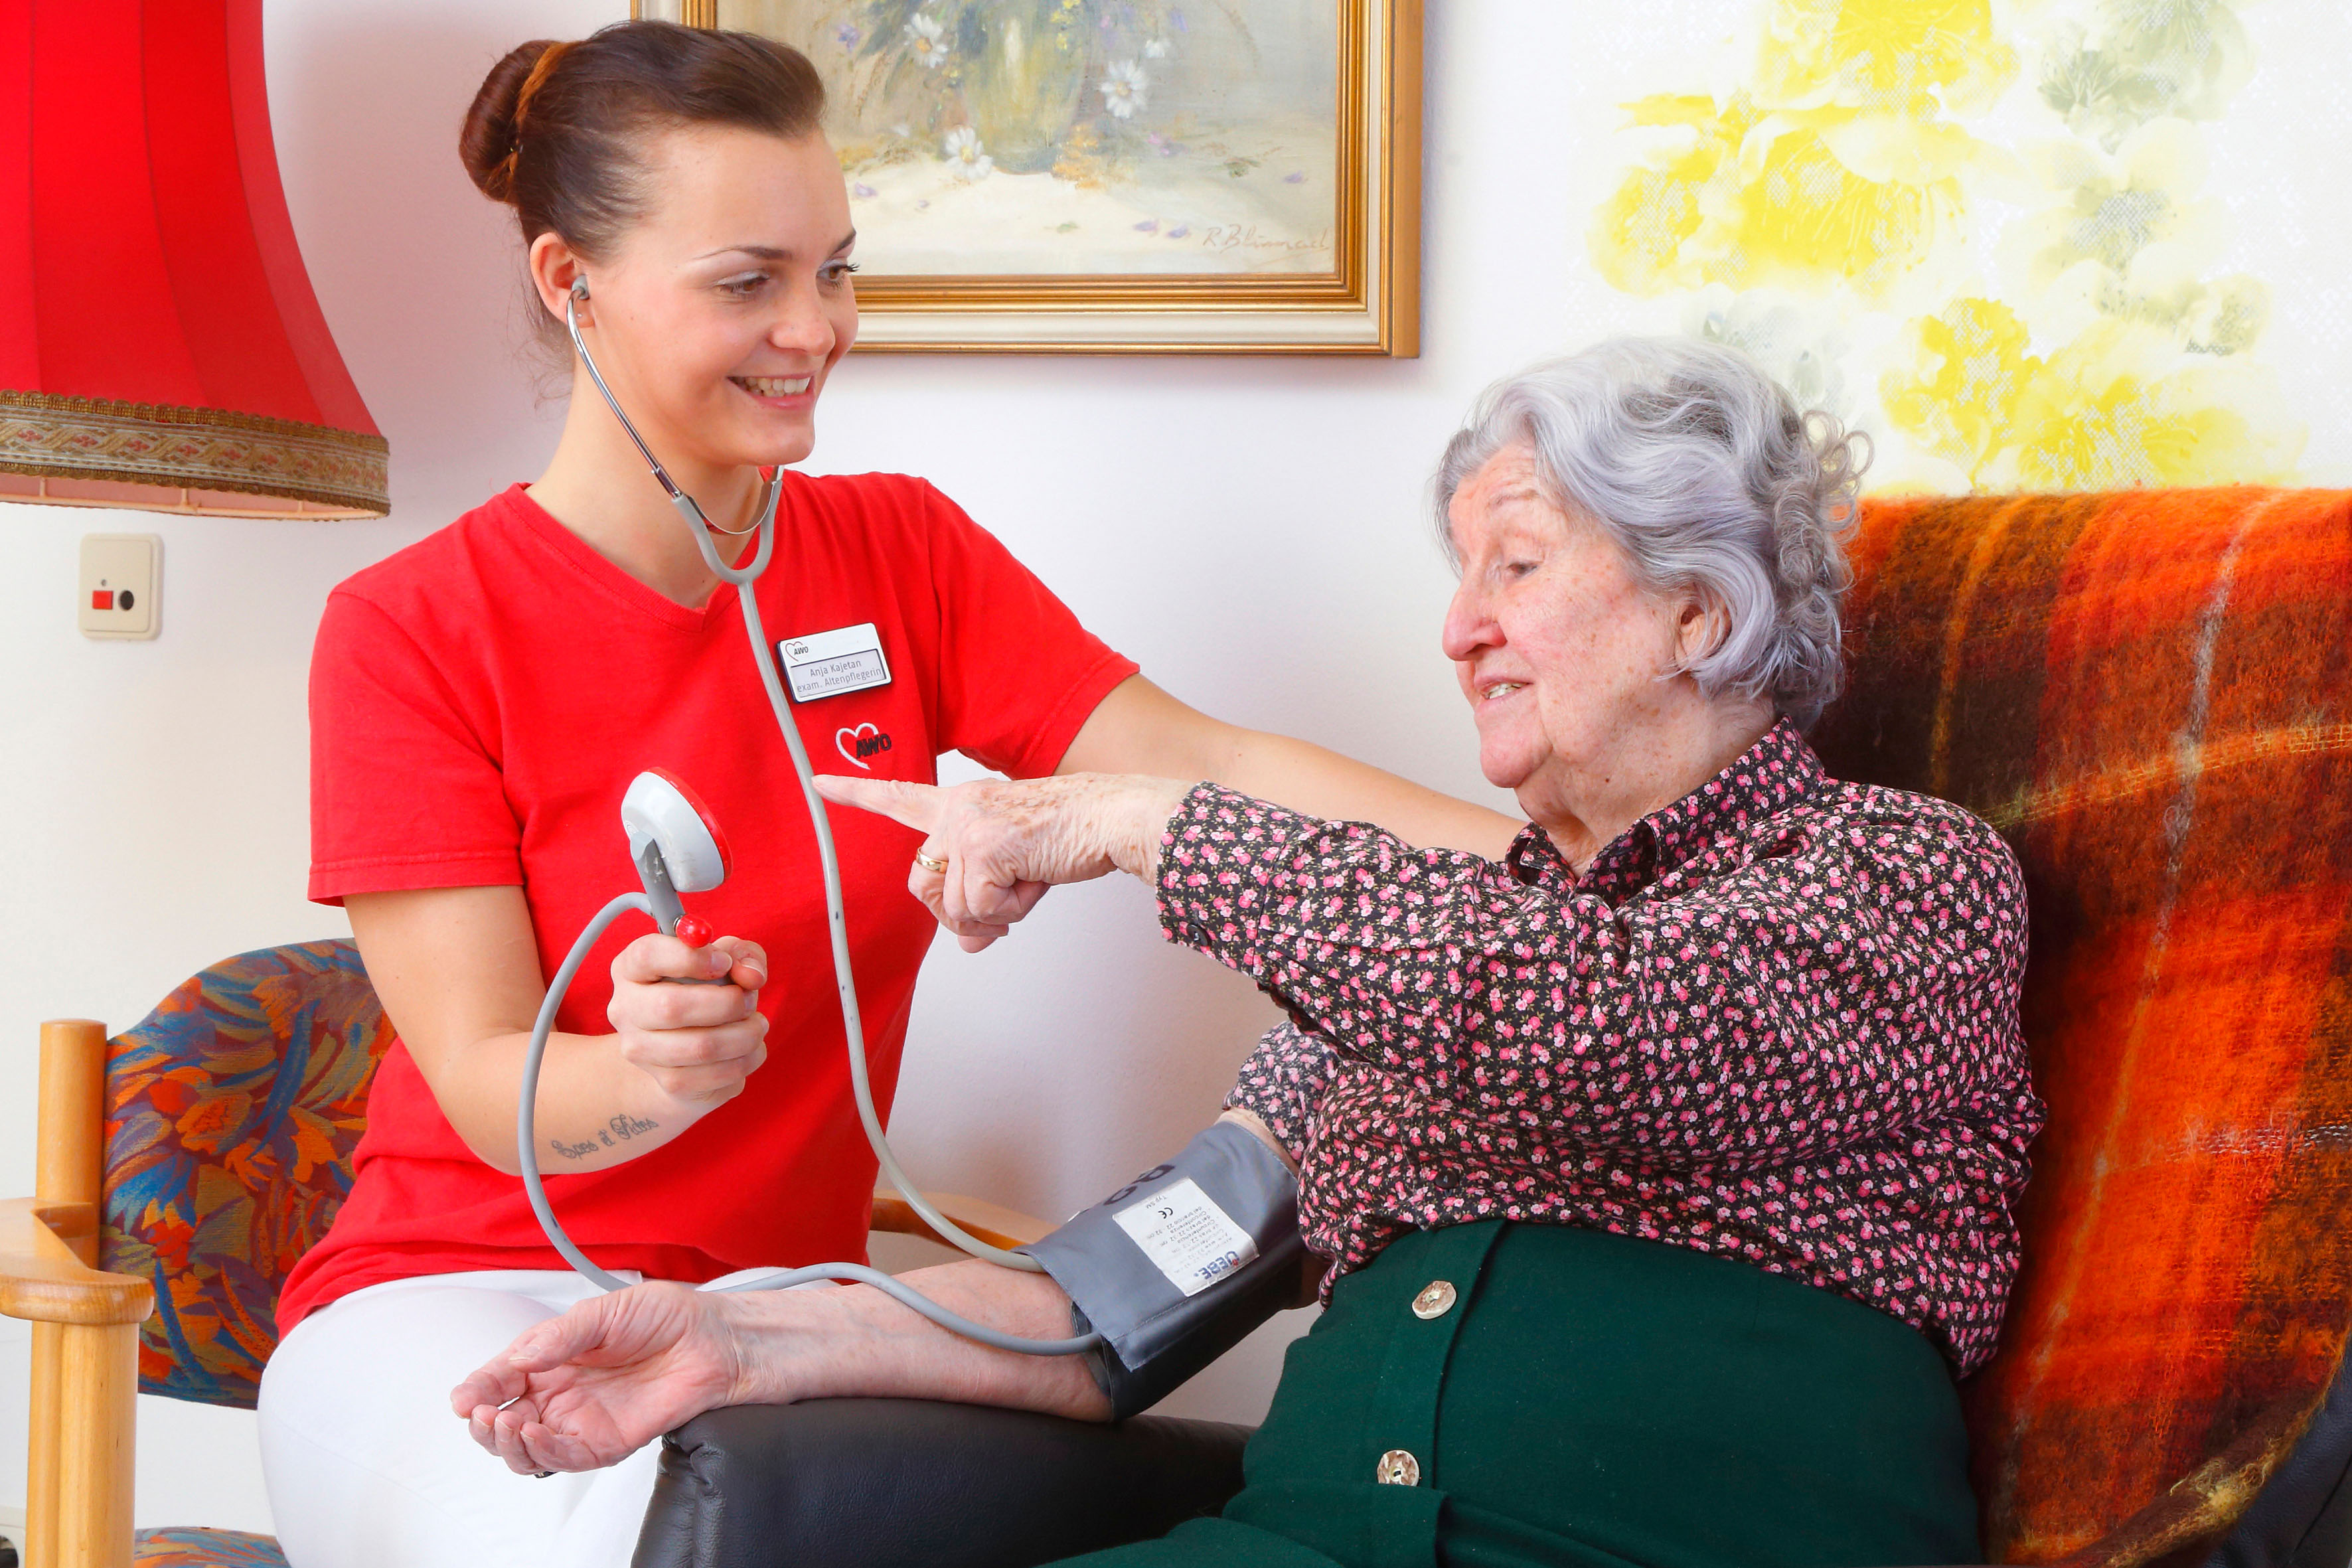 Betreuung braucht Menschen mit Herz und Verstand